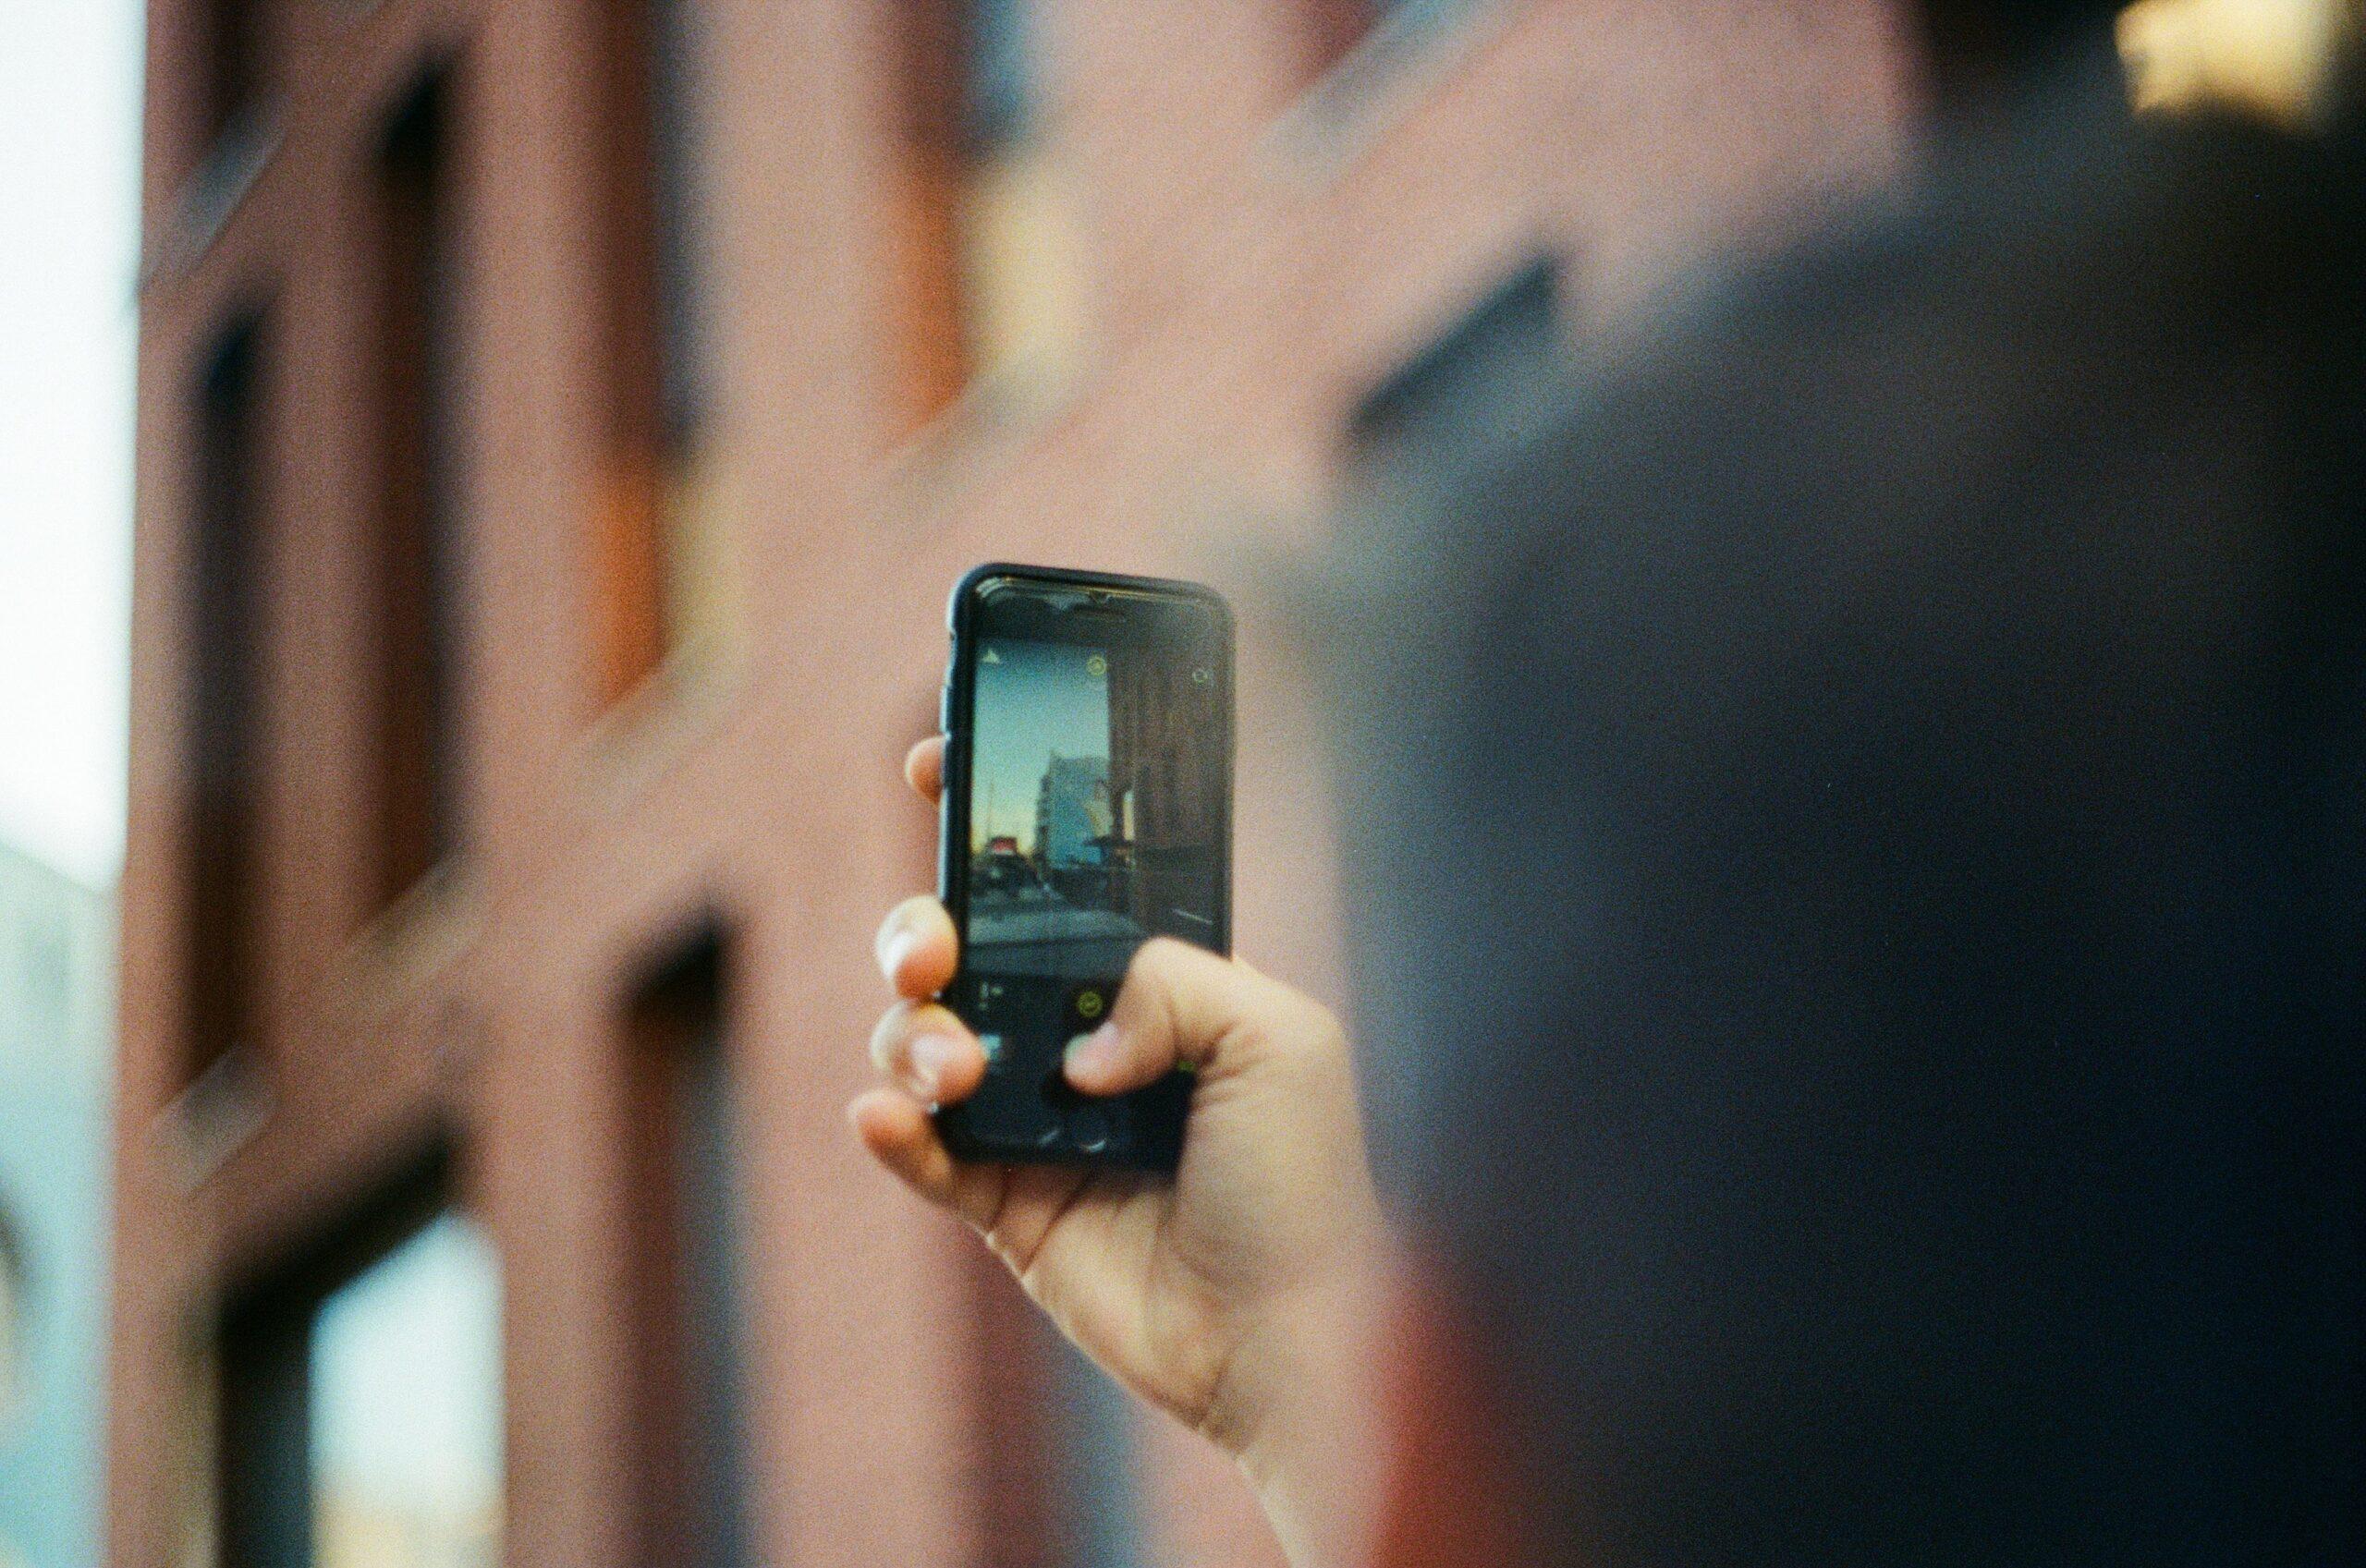 phone filming instagram reels